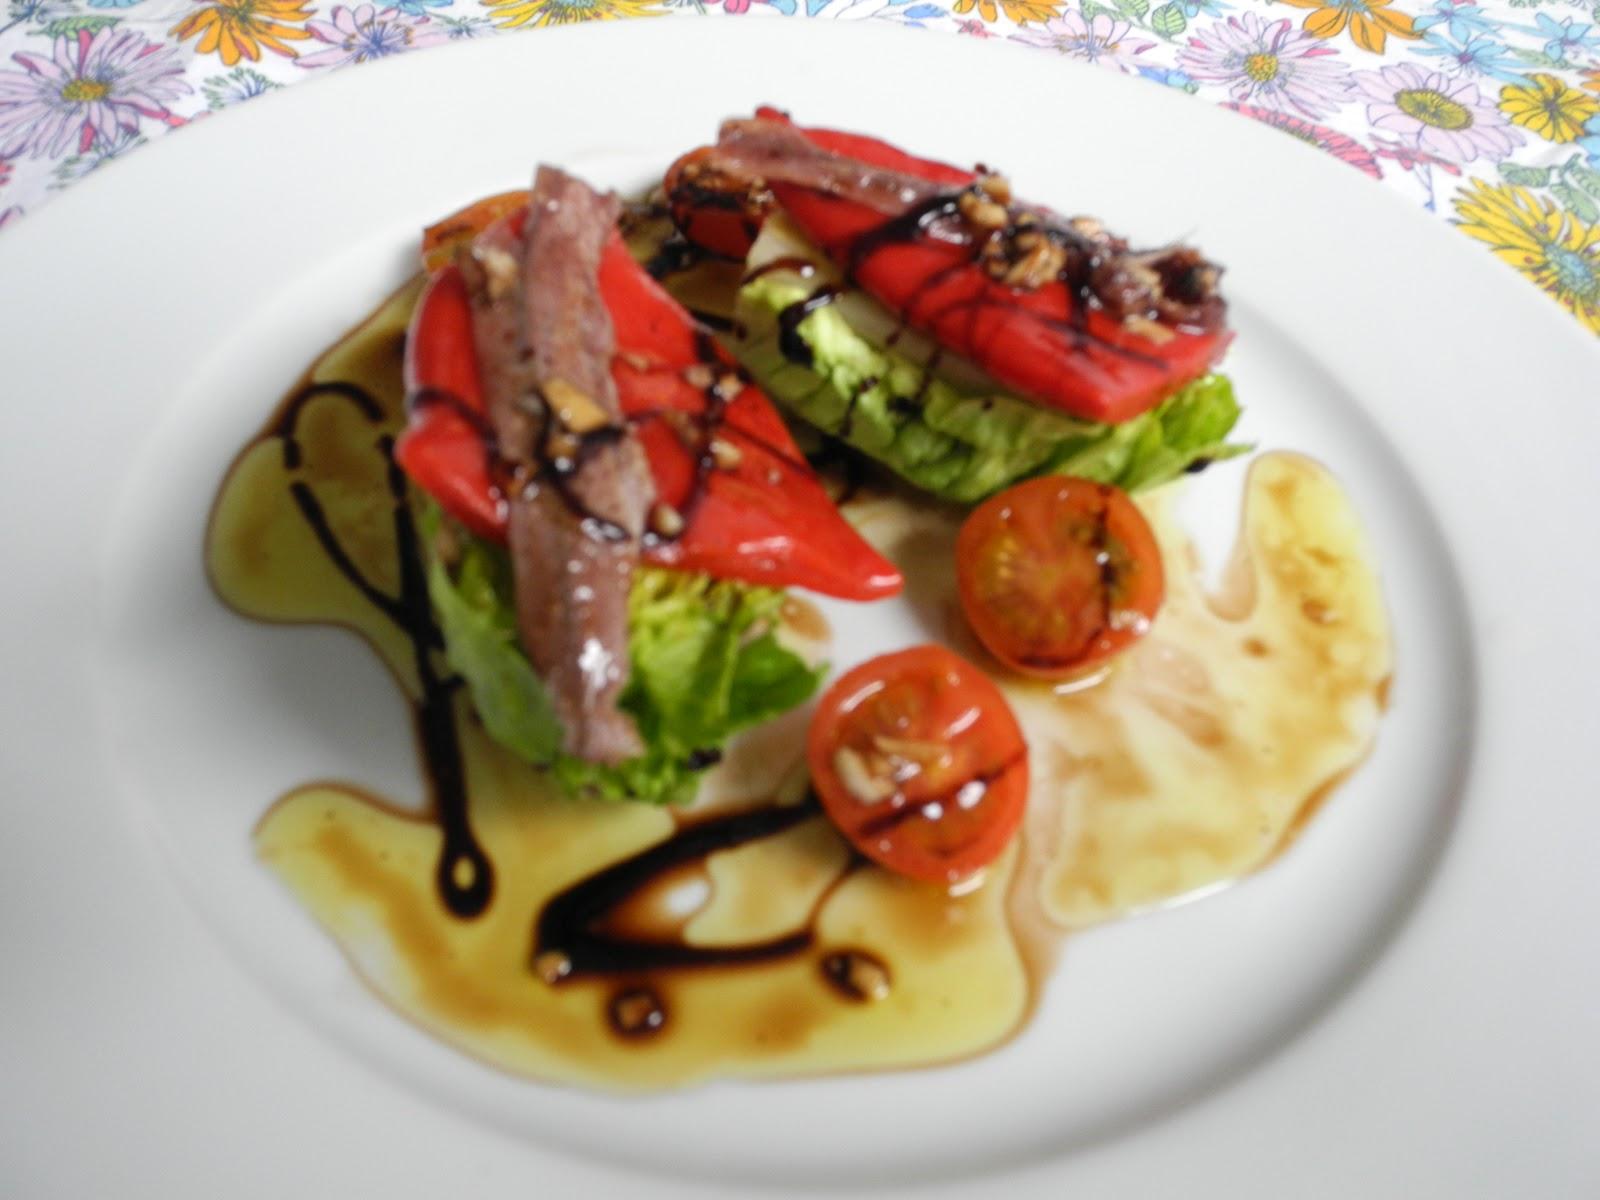 Genial cocina primeros platos fotos 6 primeros platos for Platos cocina